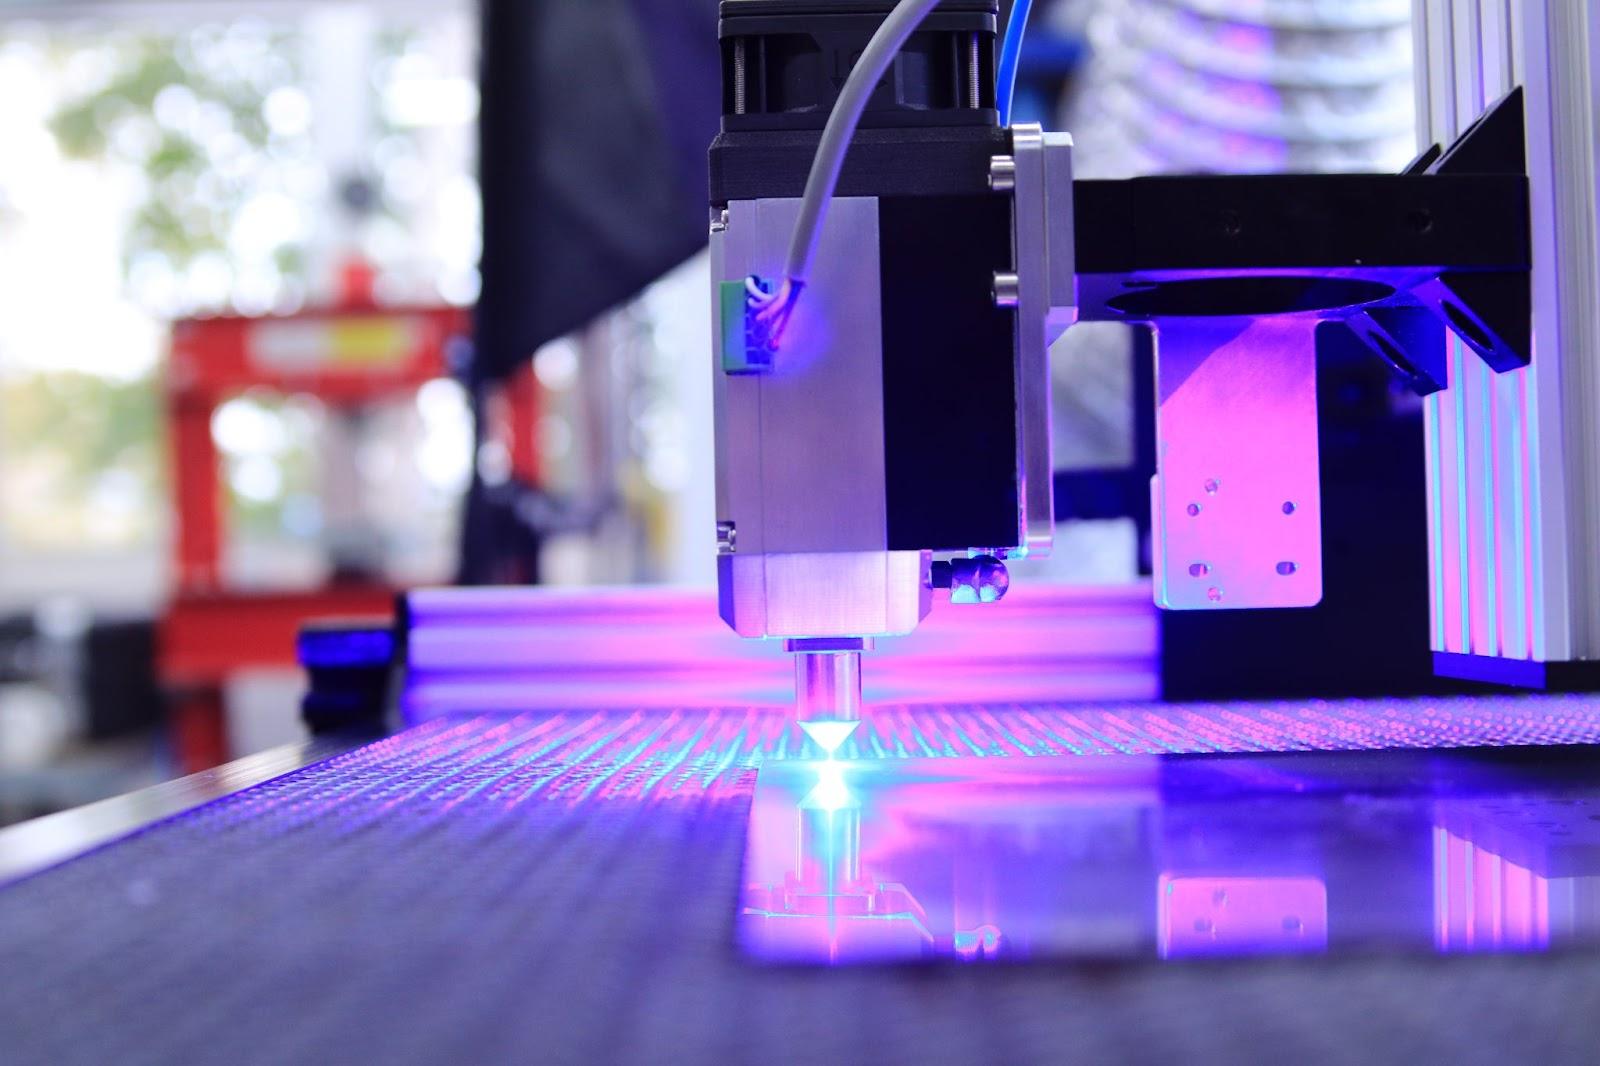 Imprimarea 3D: Descopera cele mai interesante lucruri despre printarea 3D - hobbymarket.ro